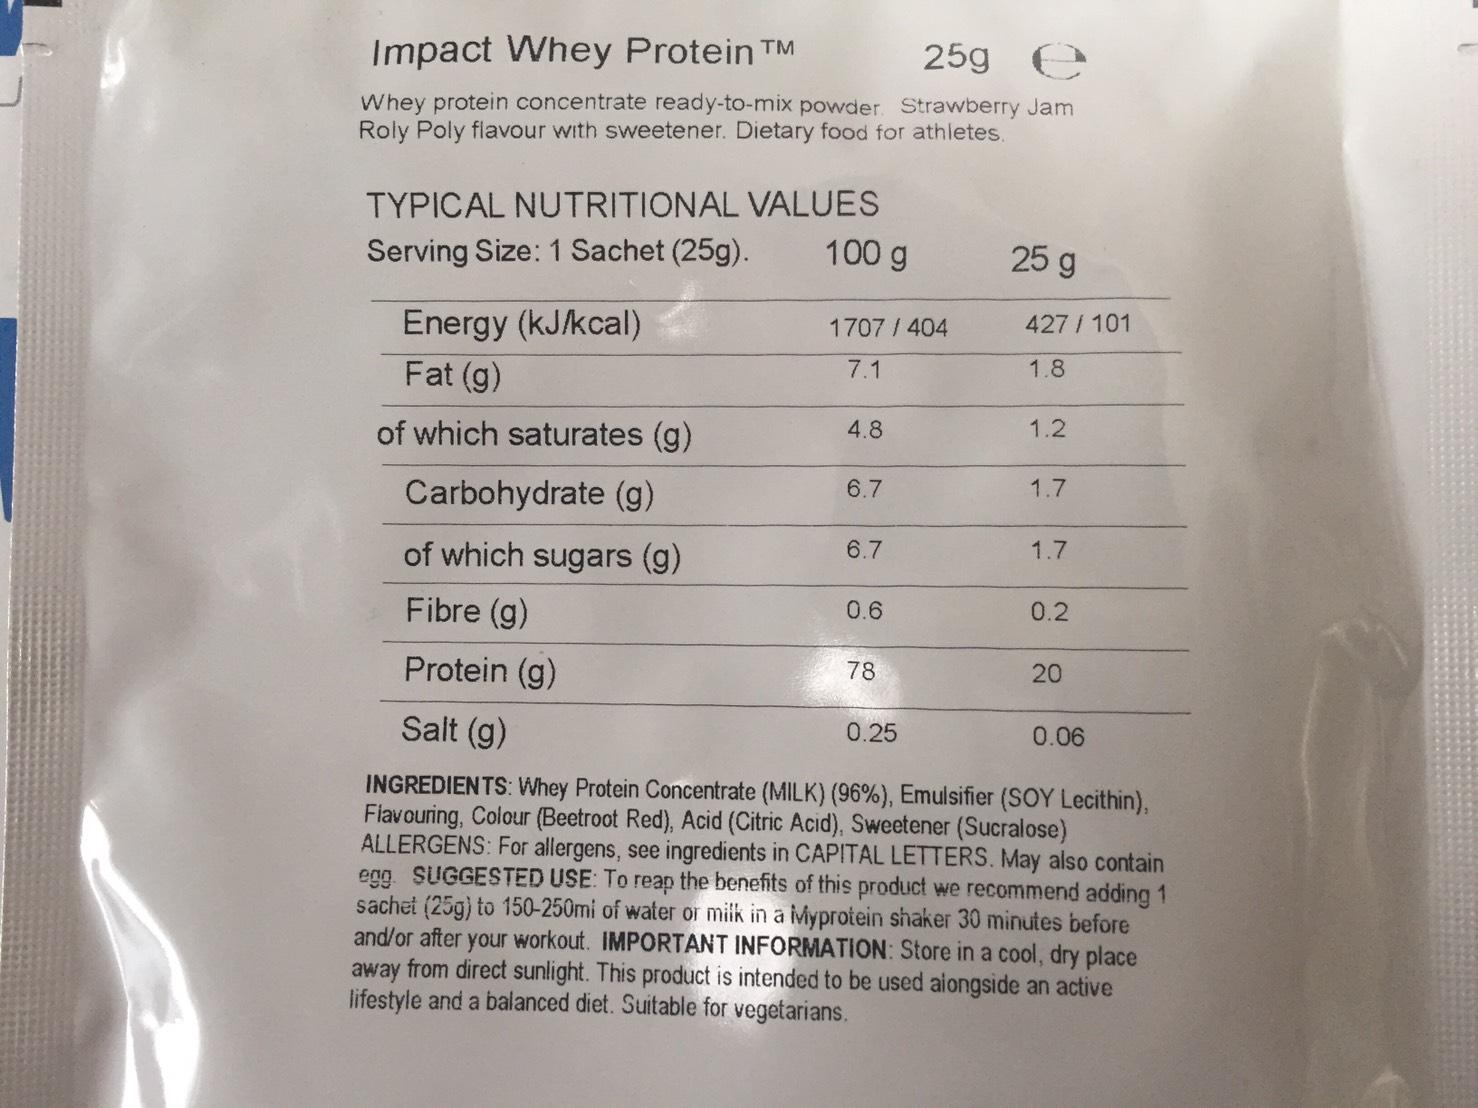 マイプロテインのImpactホエイプロテイン「Strawberry jam Roly Poly(ストロベリージャム・ローリー・ポーリー味)」の成分表